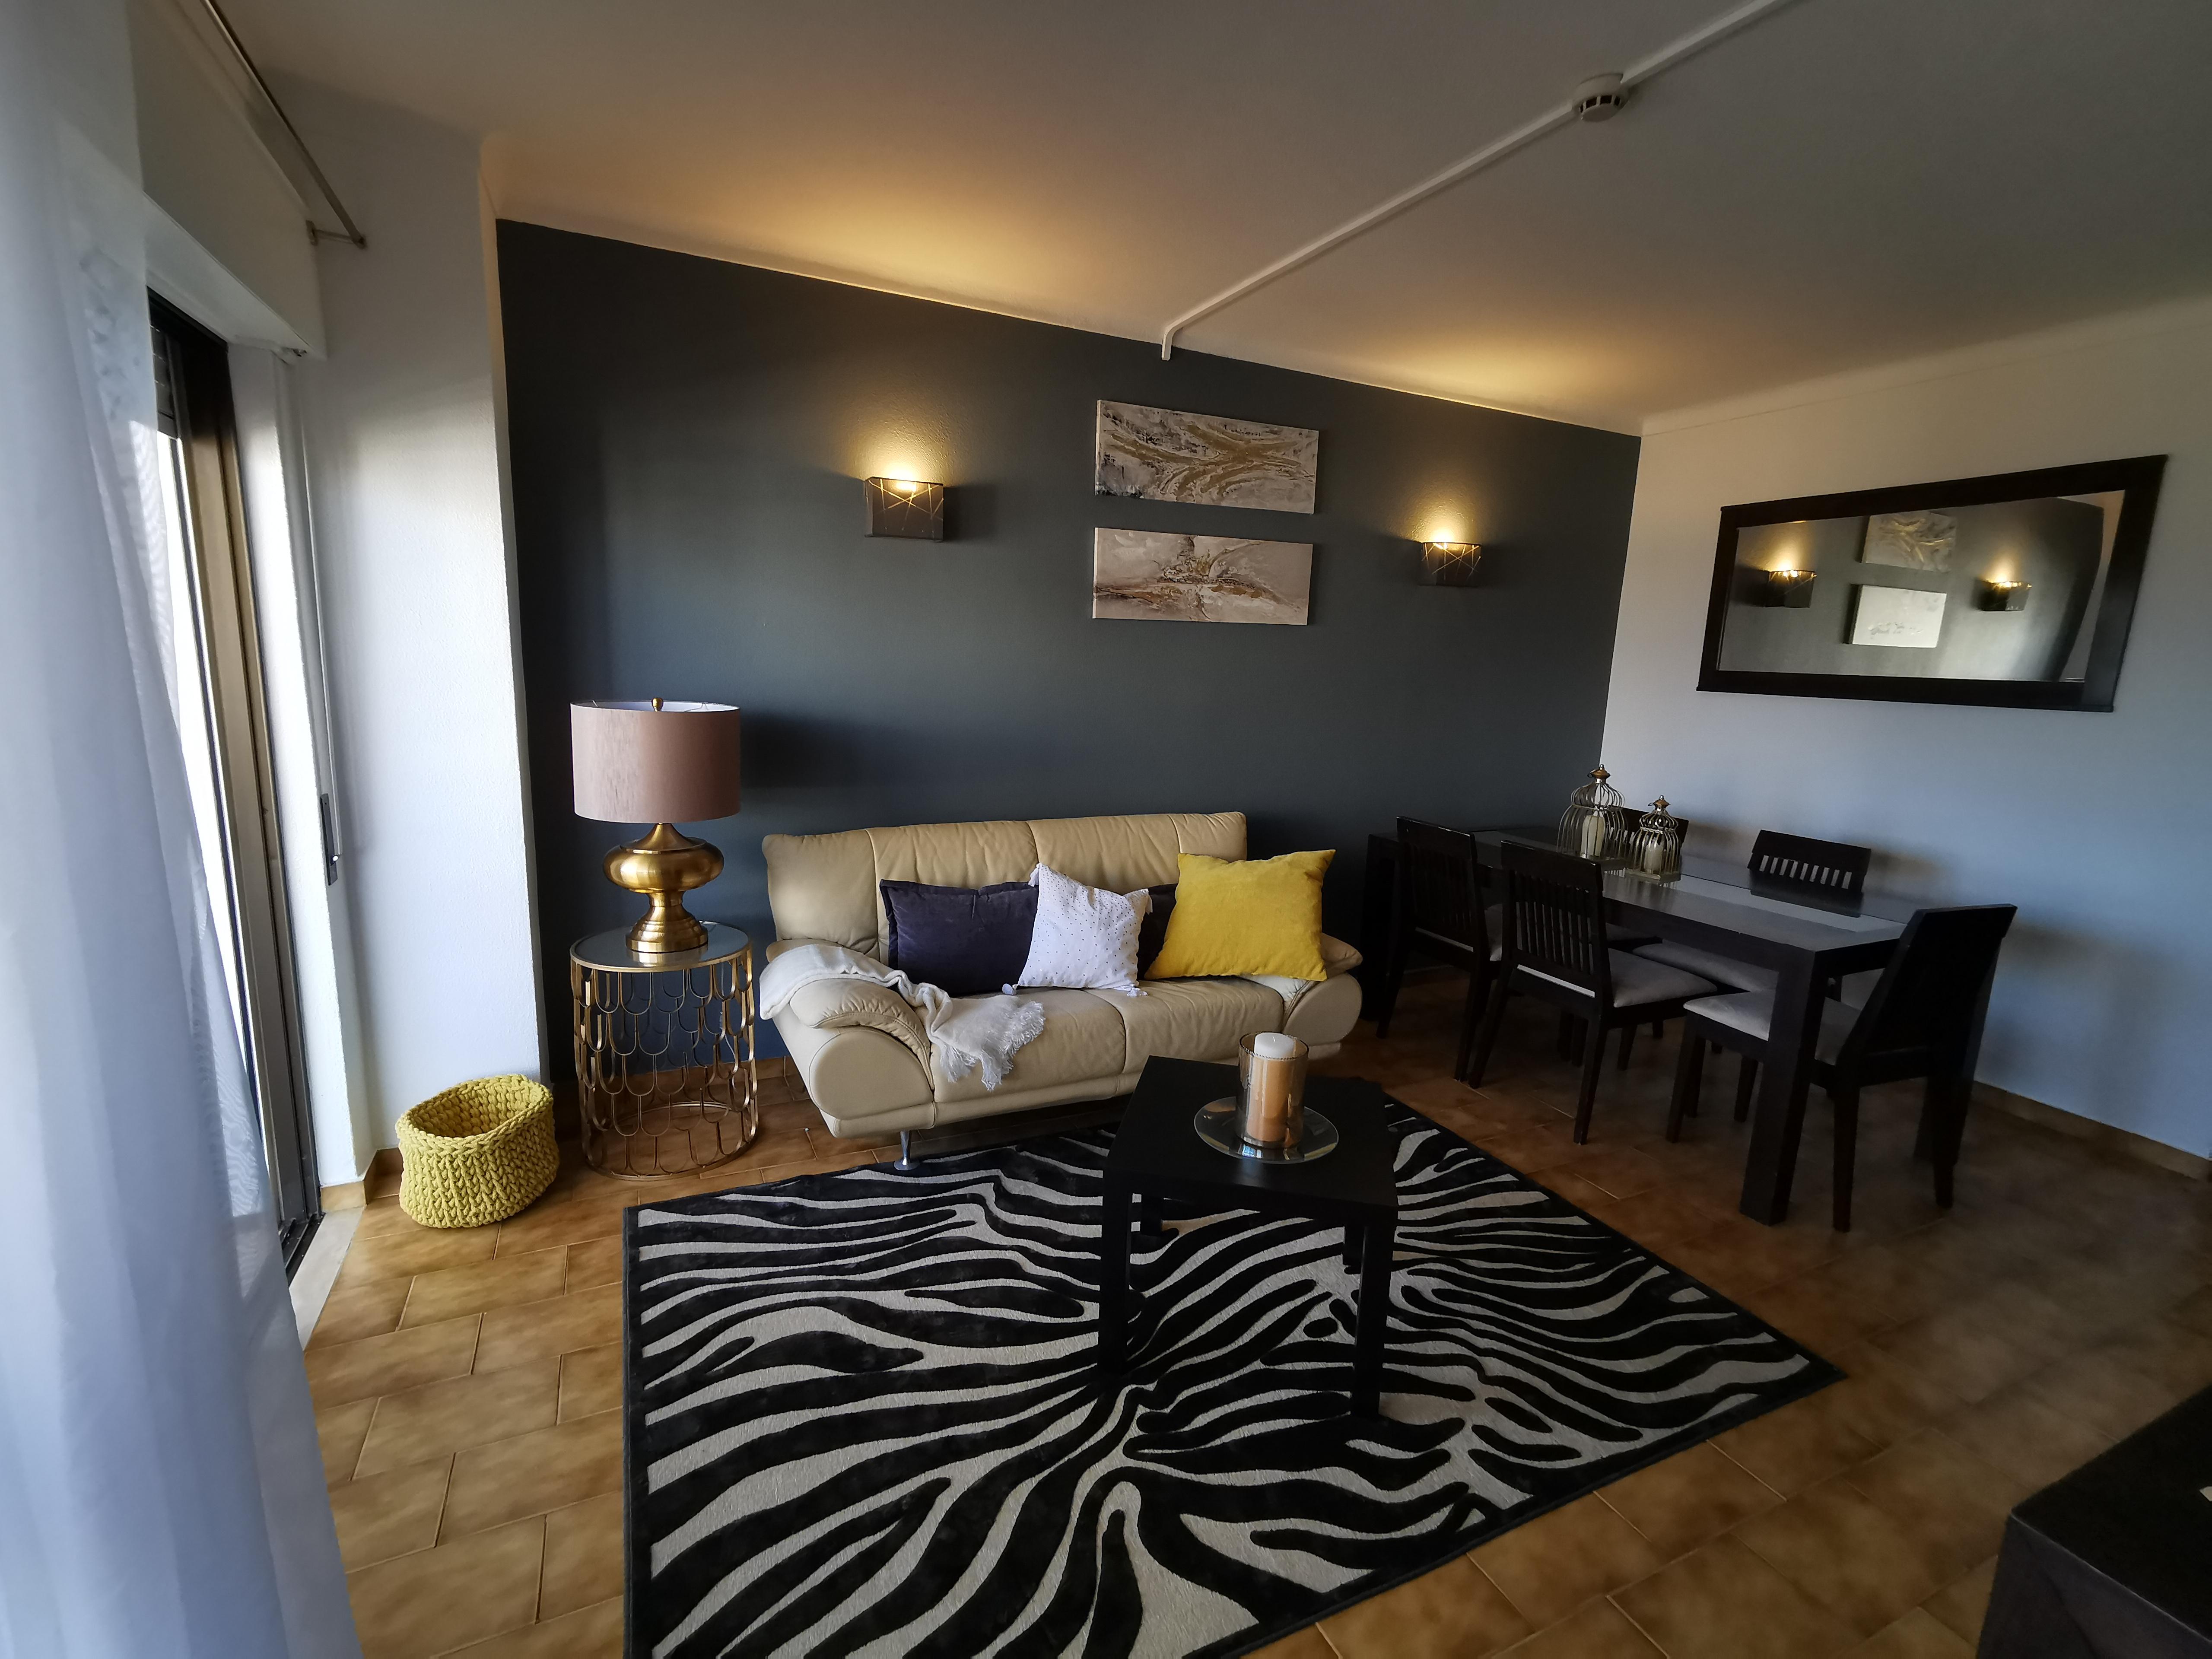 Location appartements et villas de vacance, T1 Encosta do Vau à Portimão, Portugal Algarve, REF_IMG_11603_11607